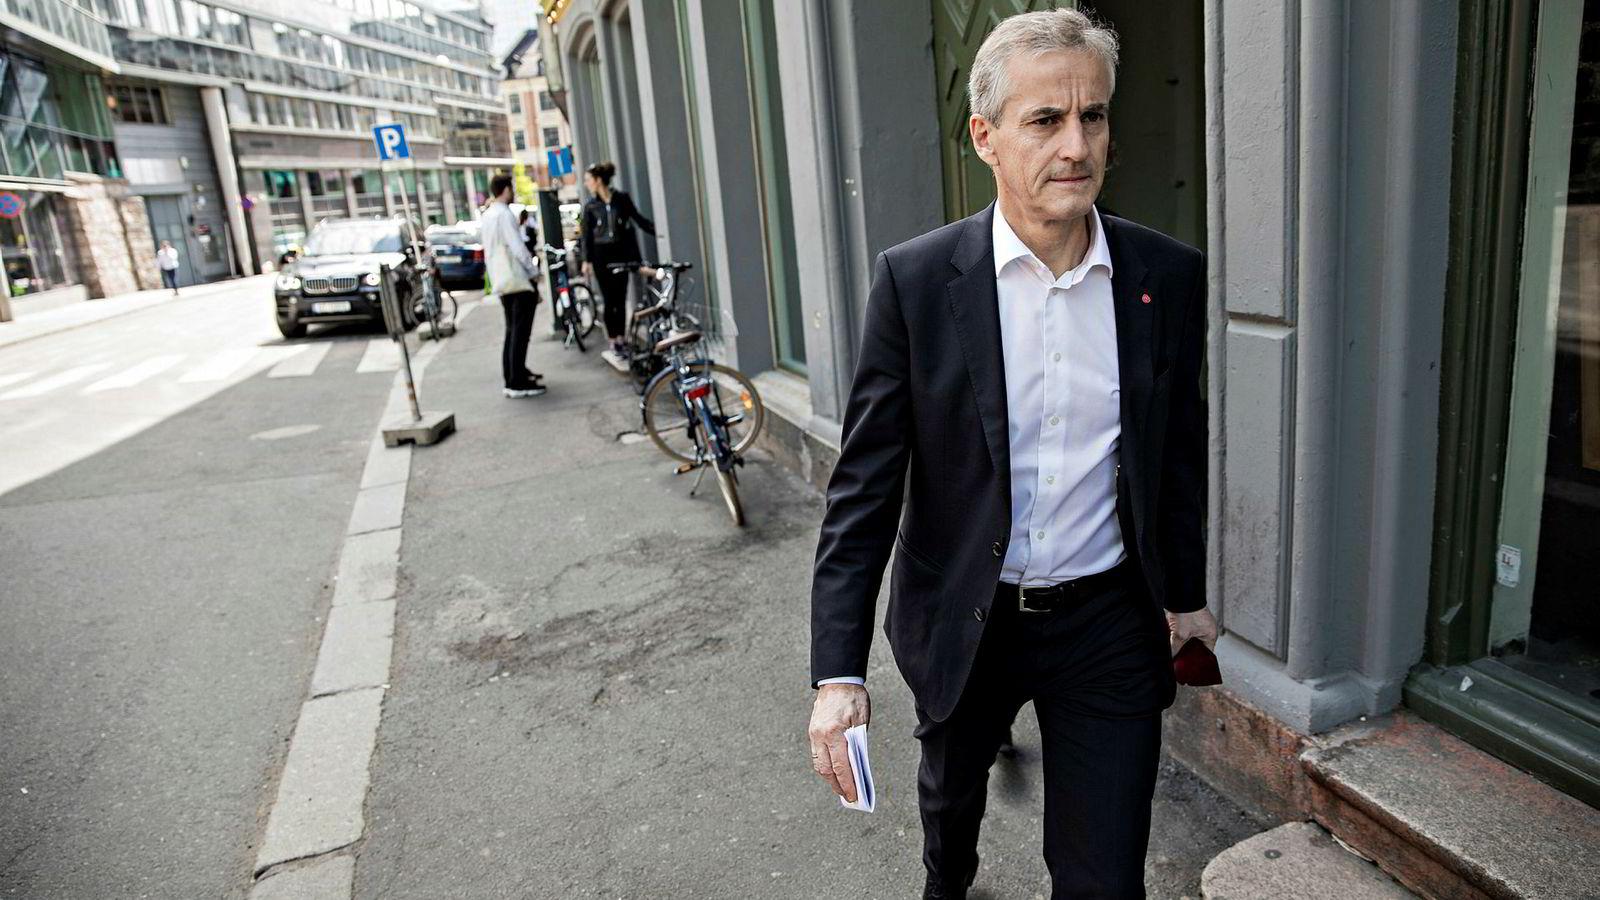 Målingene tyder på at Arbeiderparti-leder, Jonas Gahr Støre, blir statsminister etter valget, men små endringer frem mot valget kan få store konsekvenser for hva slags koalisjon han må skru sammen.